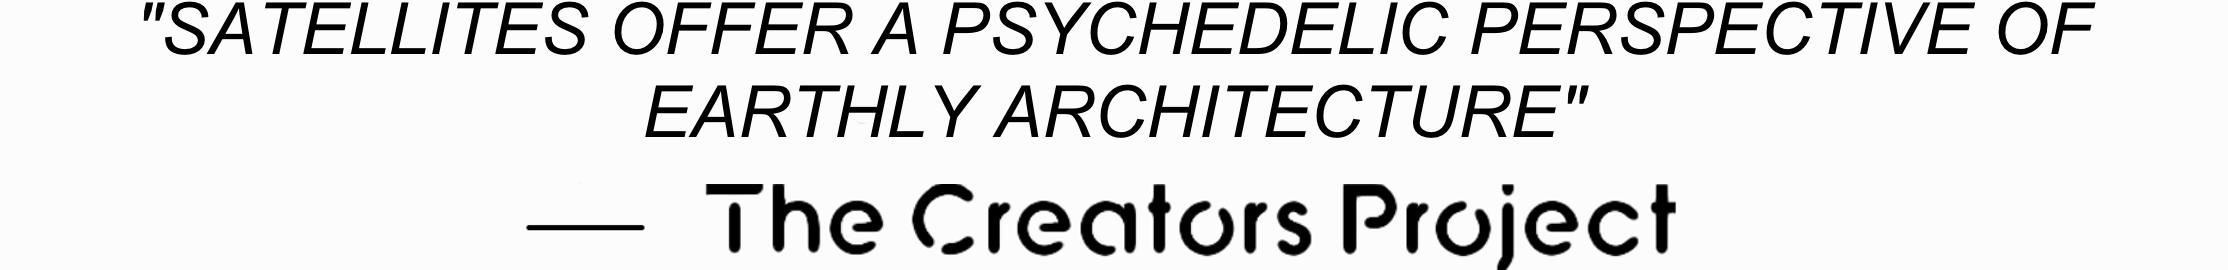 The+creators+project+big.png